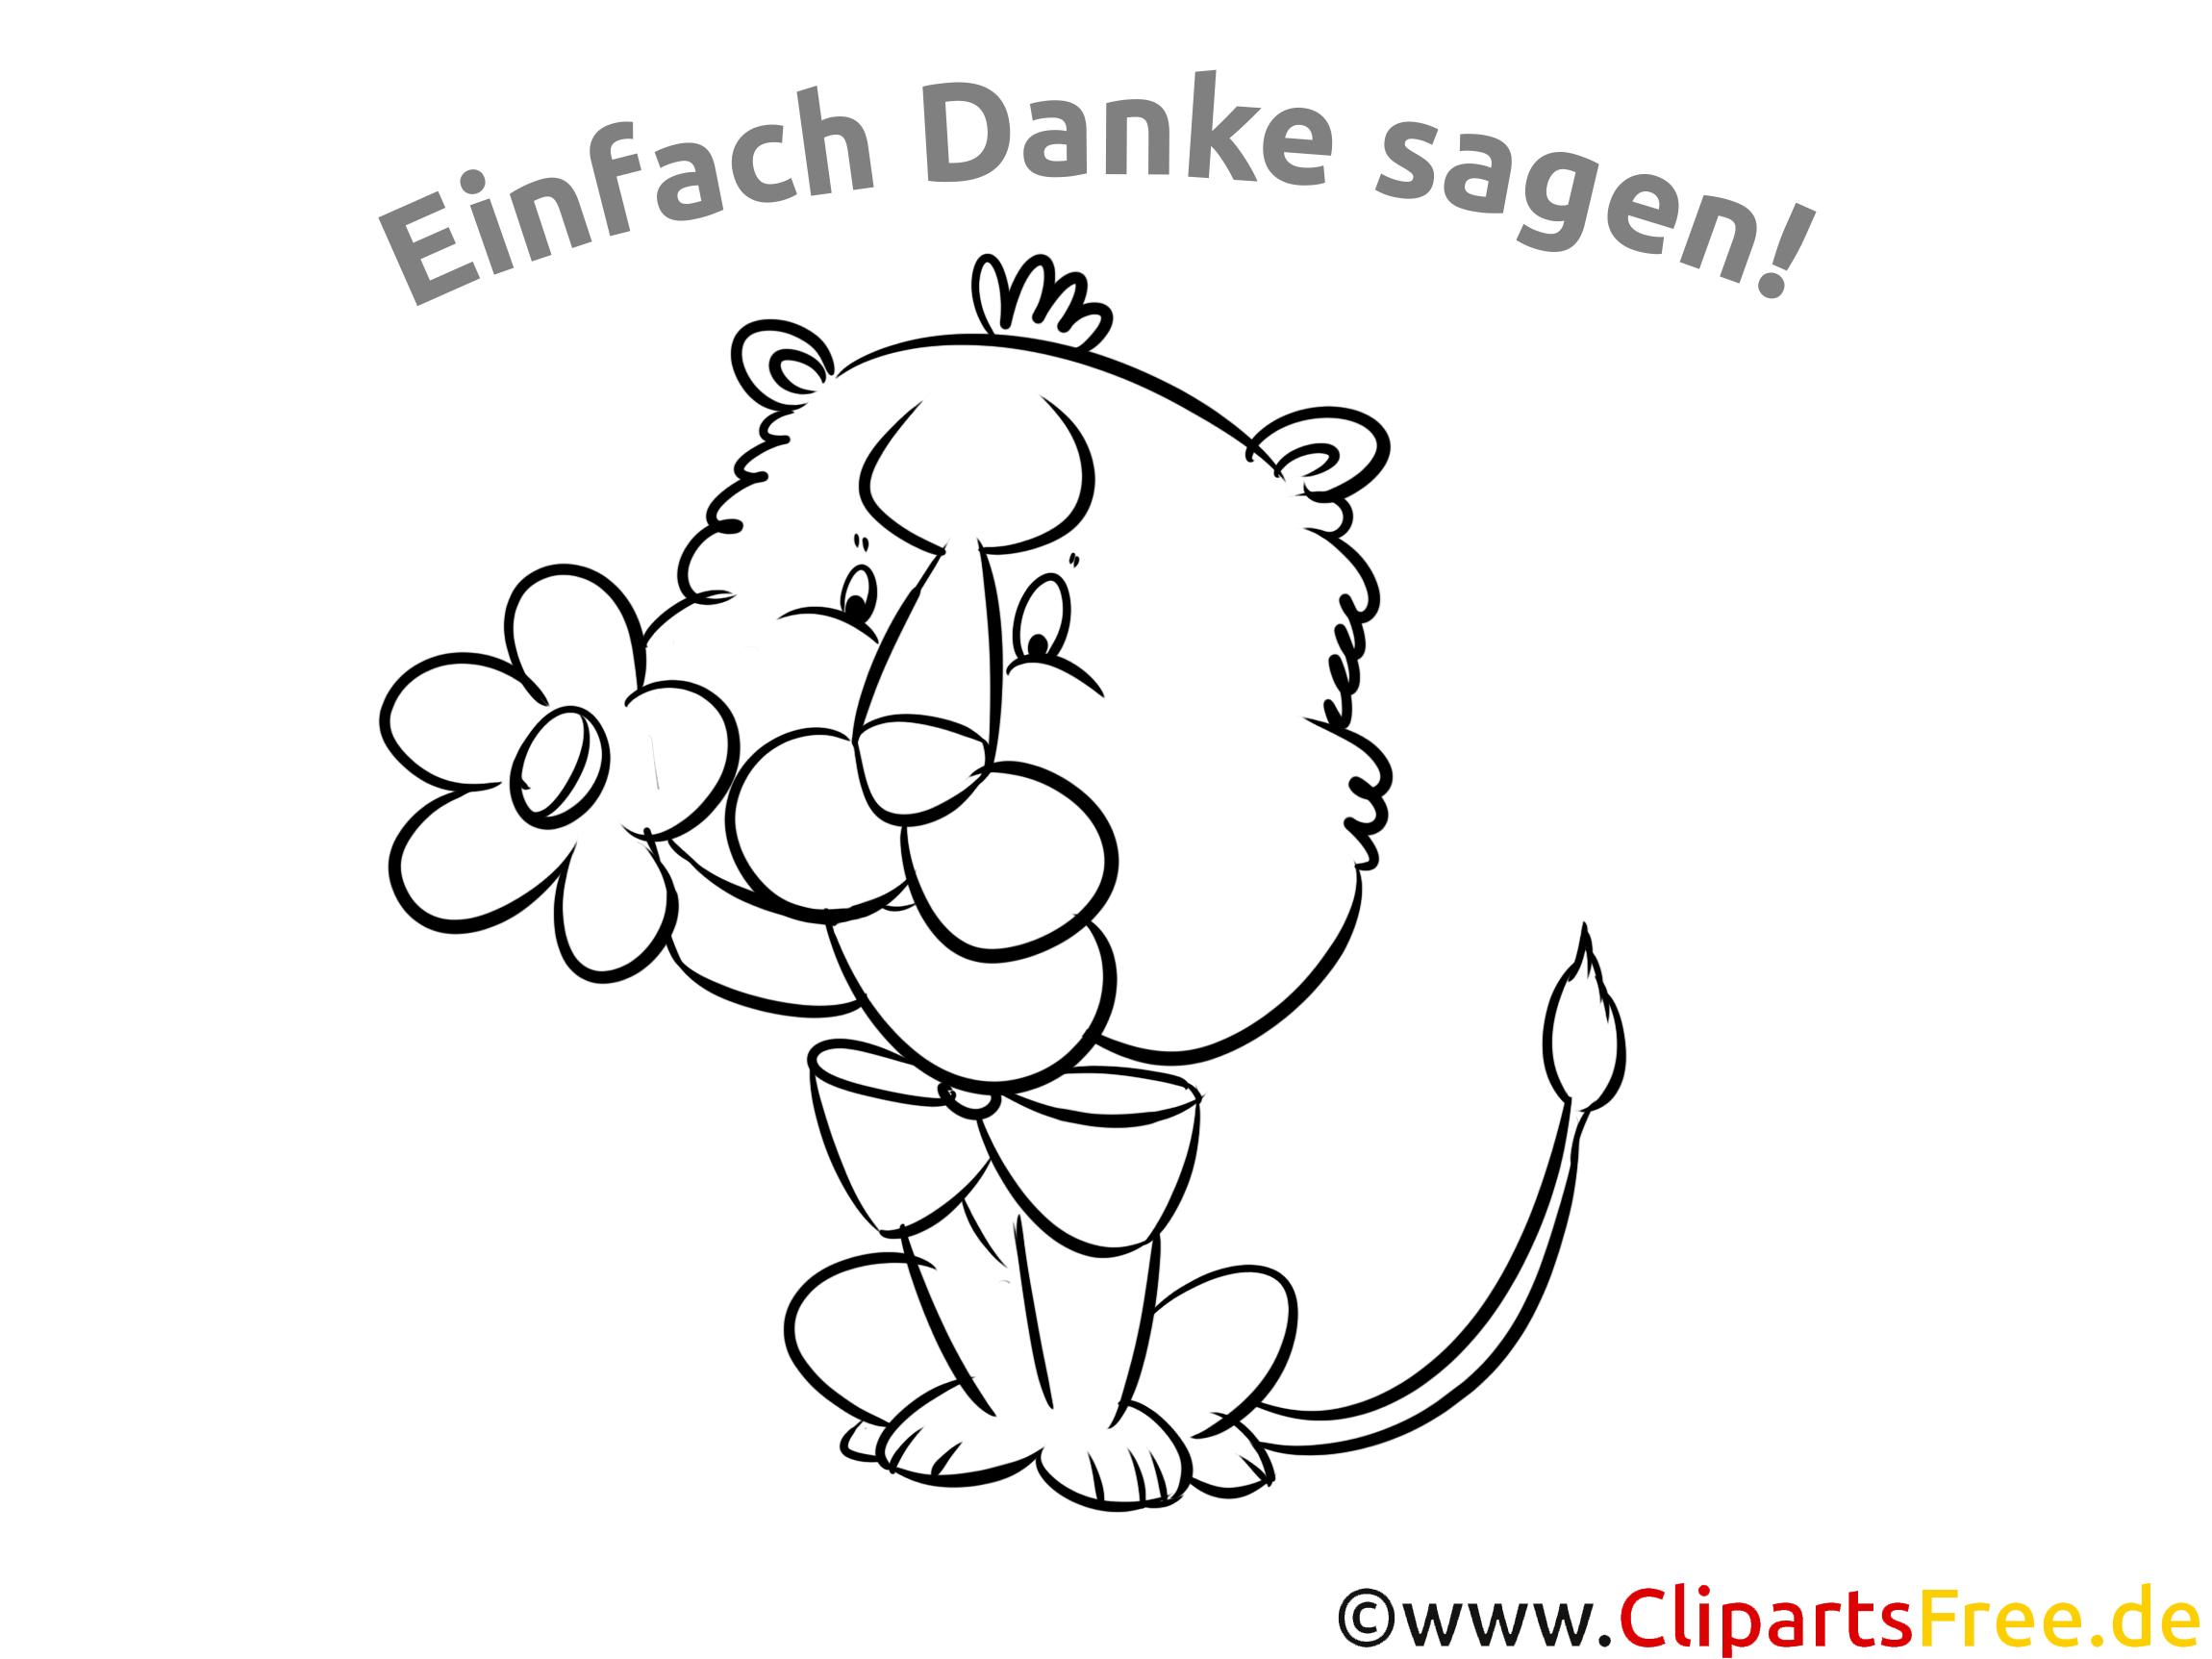 Beste Danke Lehrer Malvorlagen Bilder - Malvorlagen Von Tieren ...